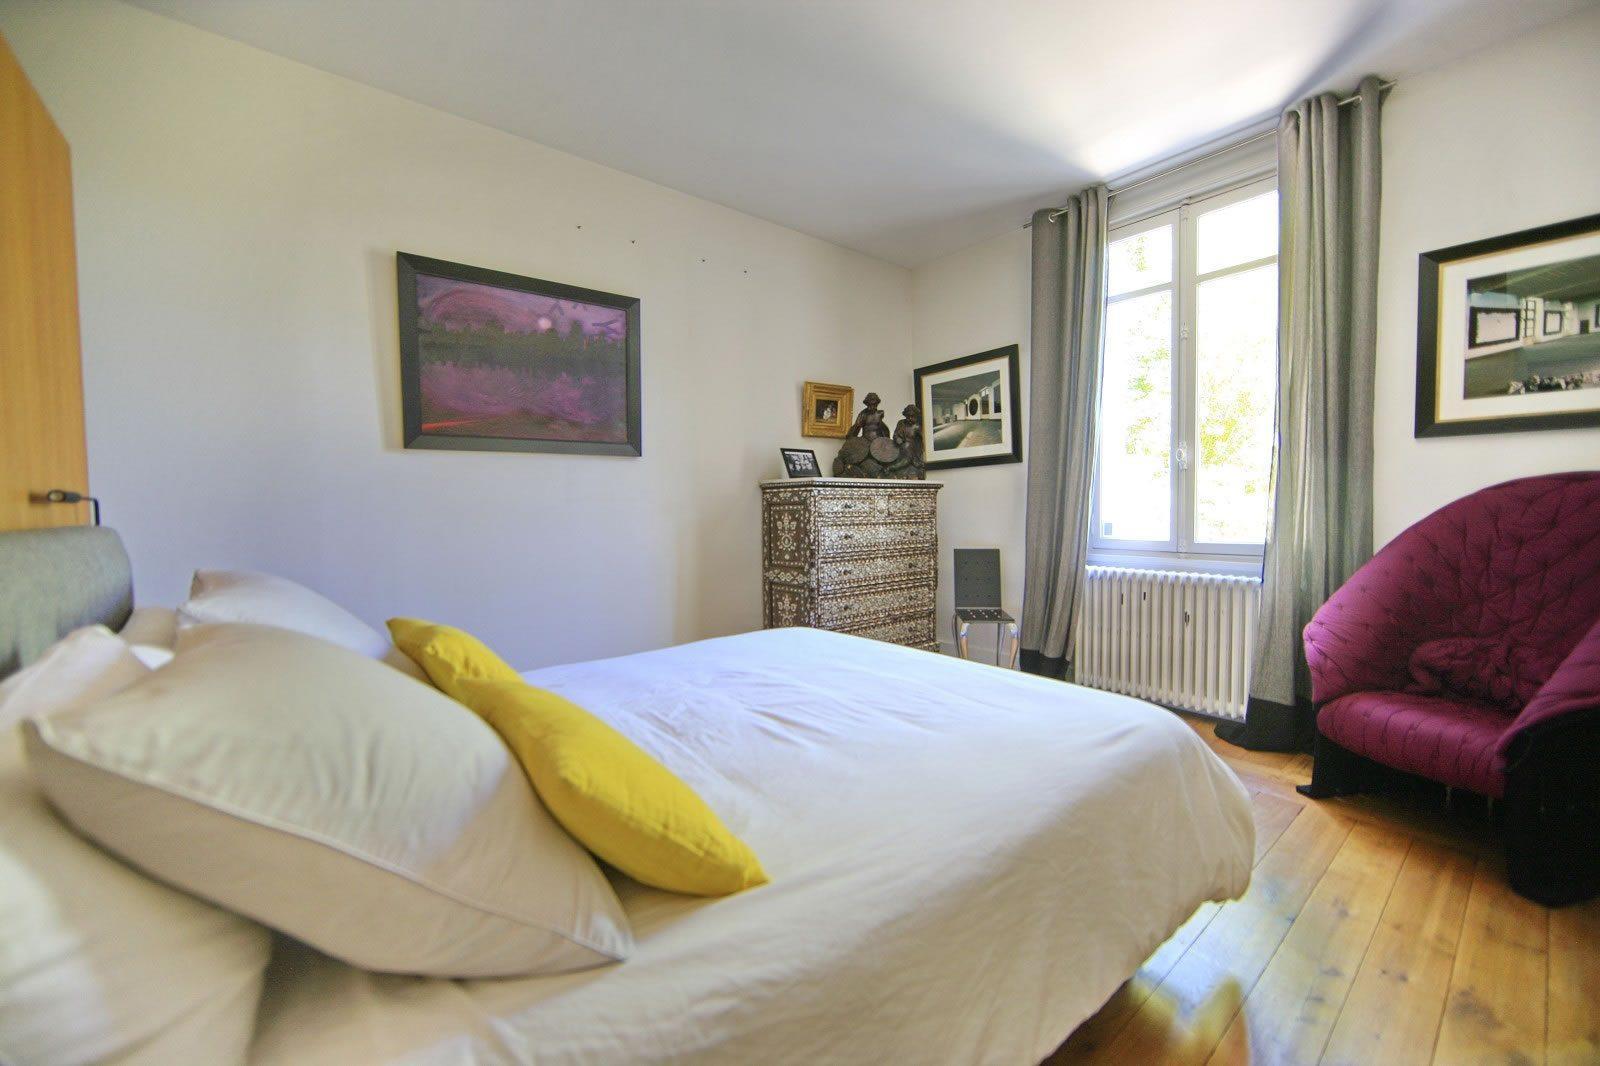 maison-style-arcachonnaise-a-vendre-parc-bordelais-jardin-paysager-veranda-cave